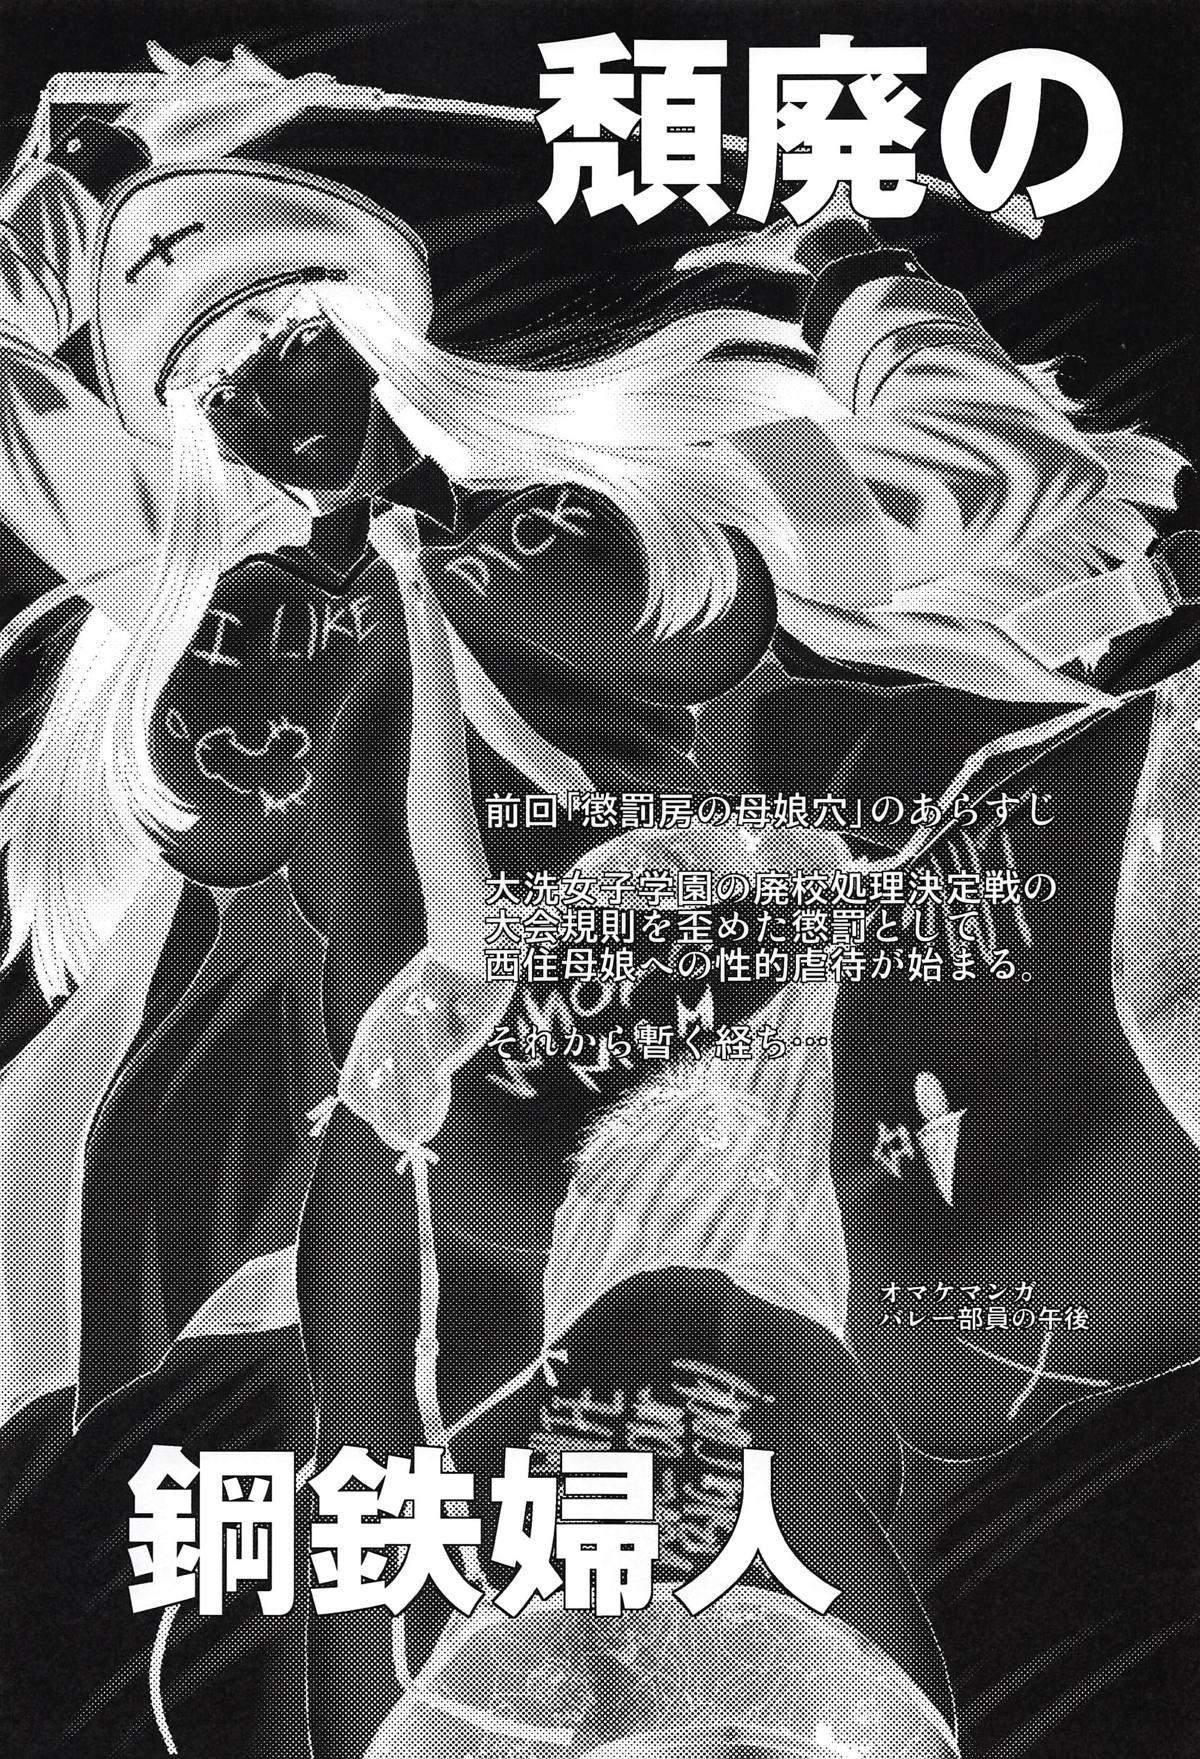 Urabambi Vol. 57 Taihai no Koutetsu Fujin 1